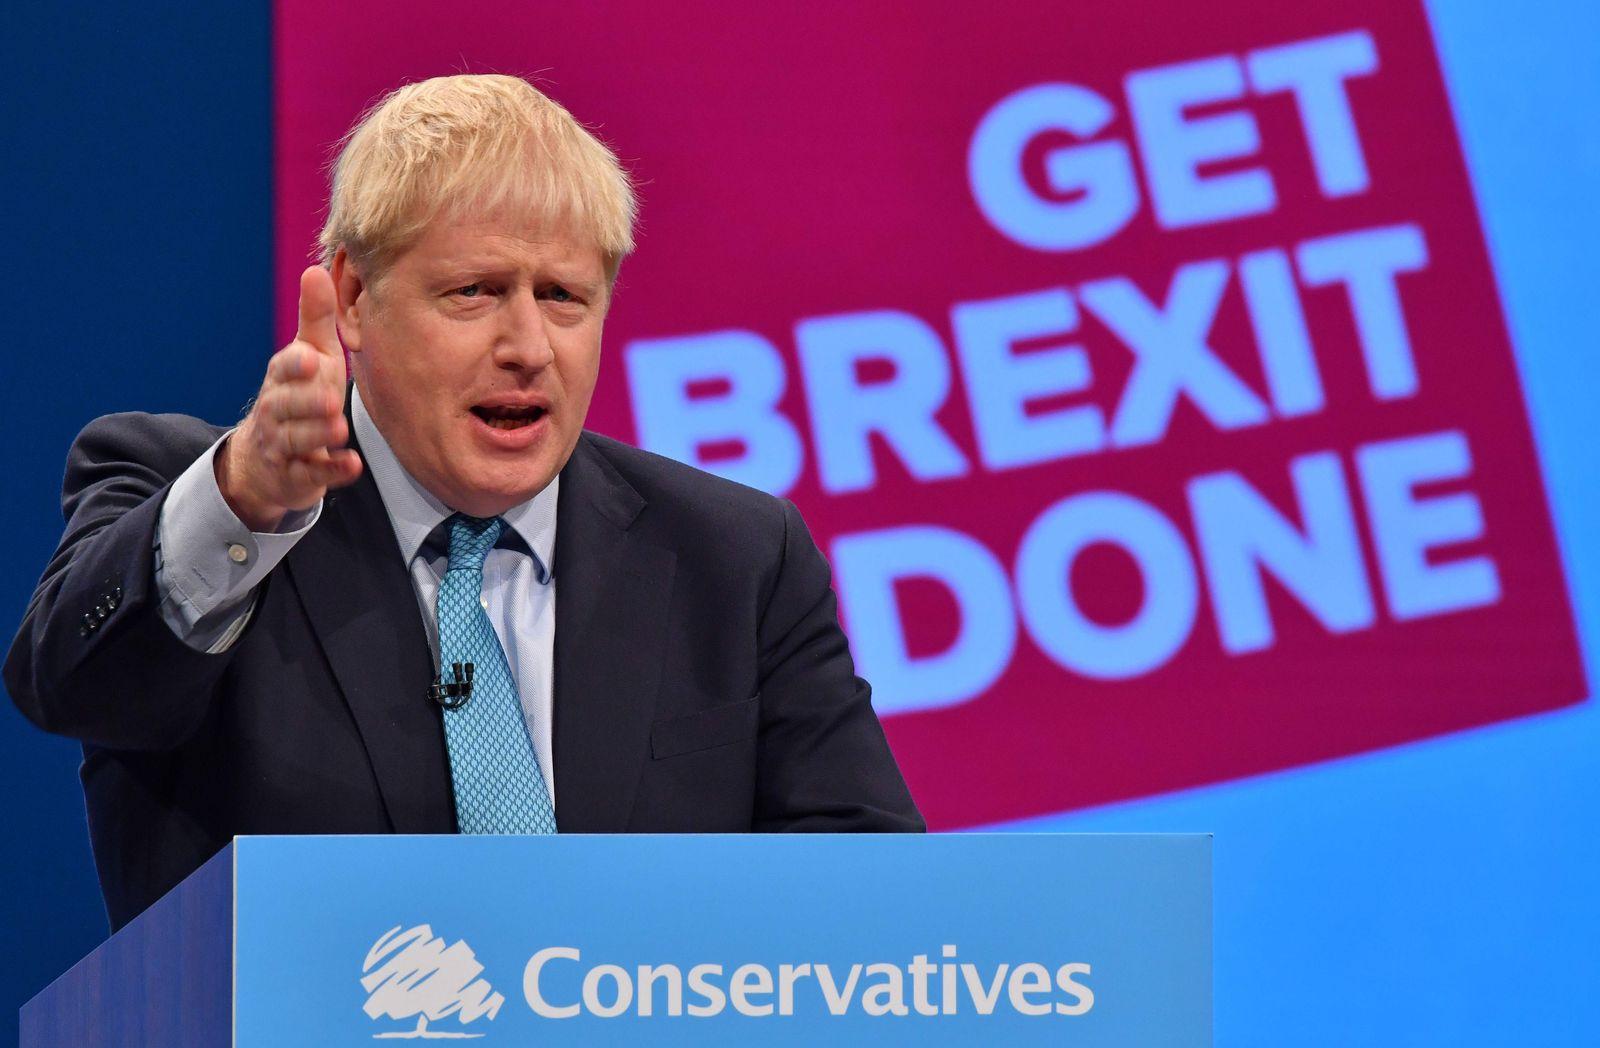 TOPSHOT-BRITAIN-EU-POLITICS-BREXIT-CONSERVATIVE-CONFERENCE